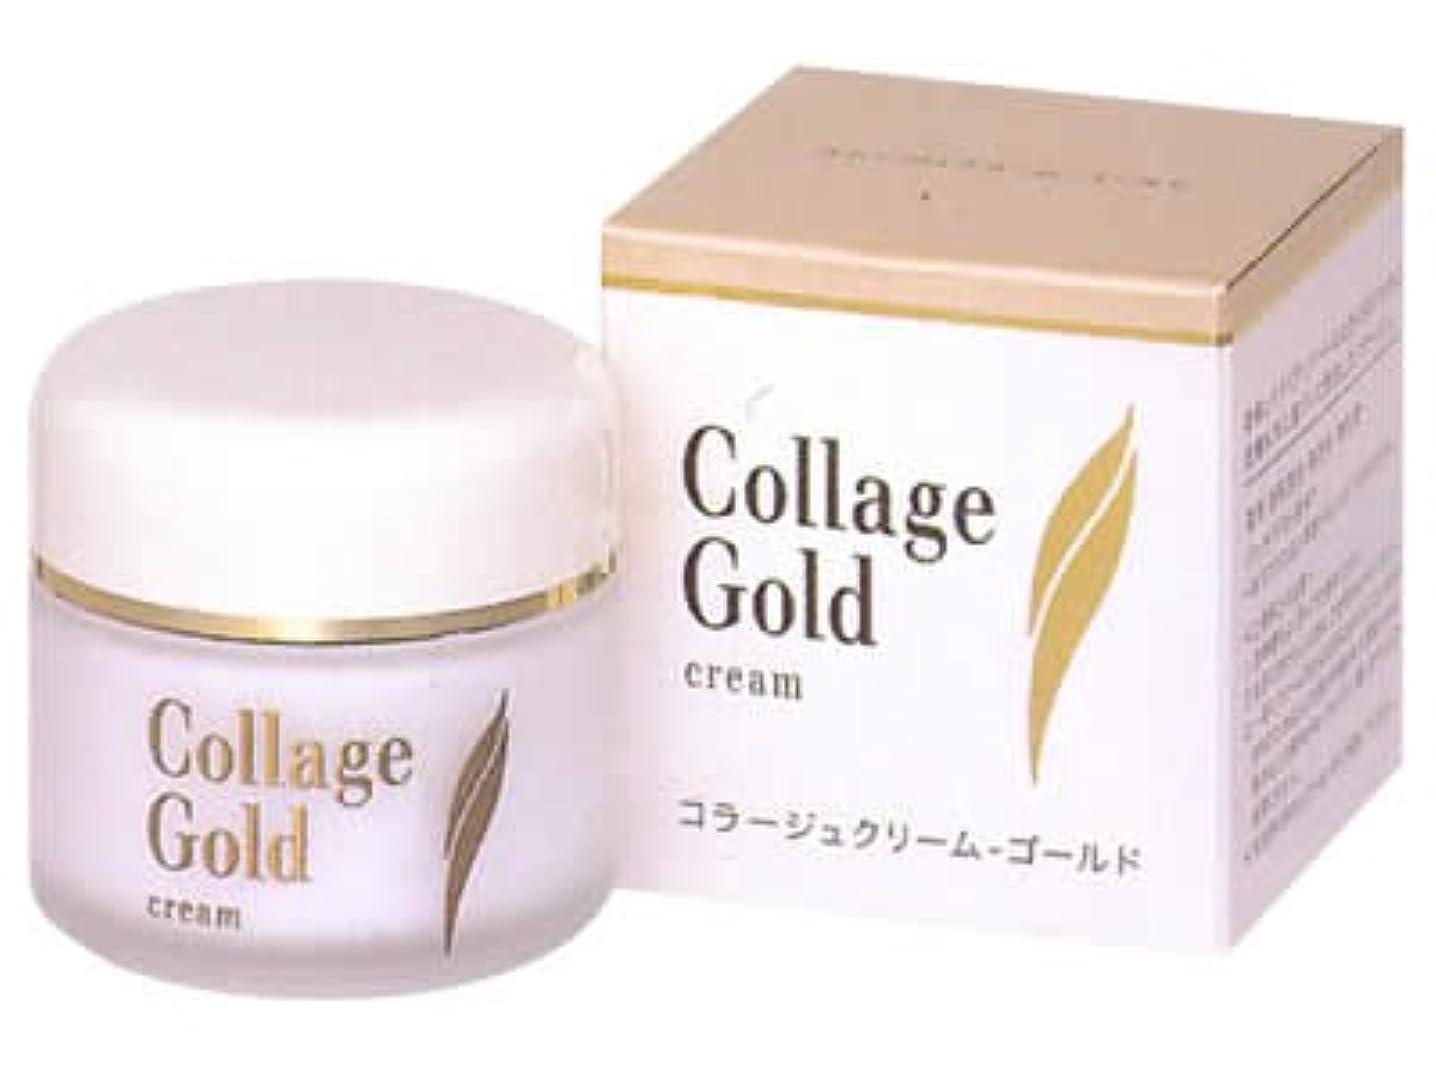 継続中国際オーディションコラージュ クリーム-ゴールドS 35g (医薬部外品)